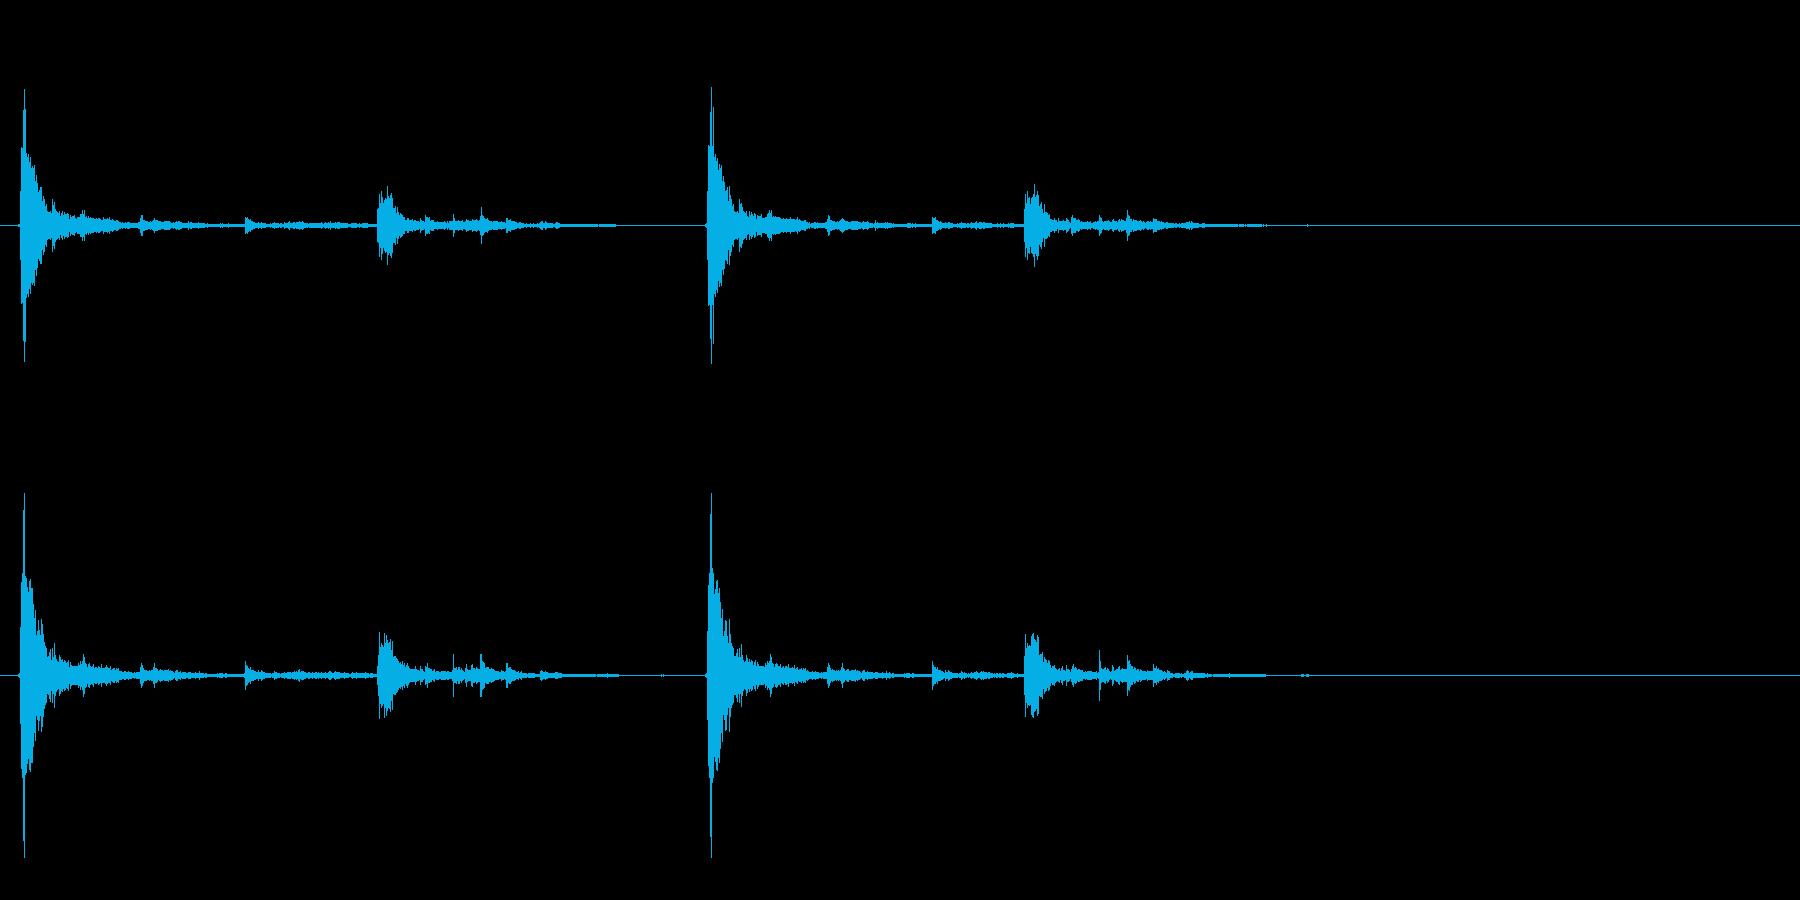 掘る音の再生済みの波形